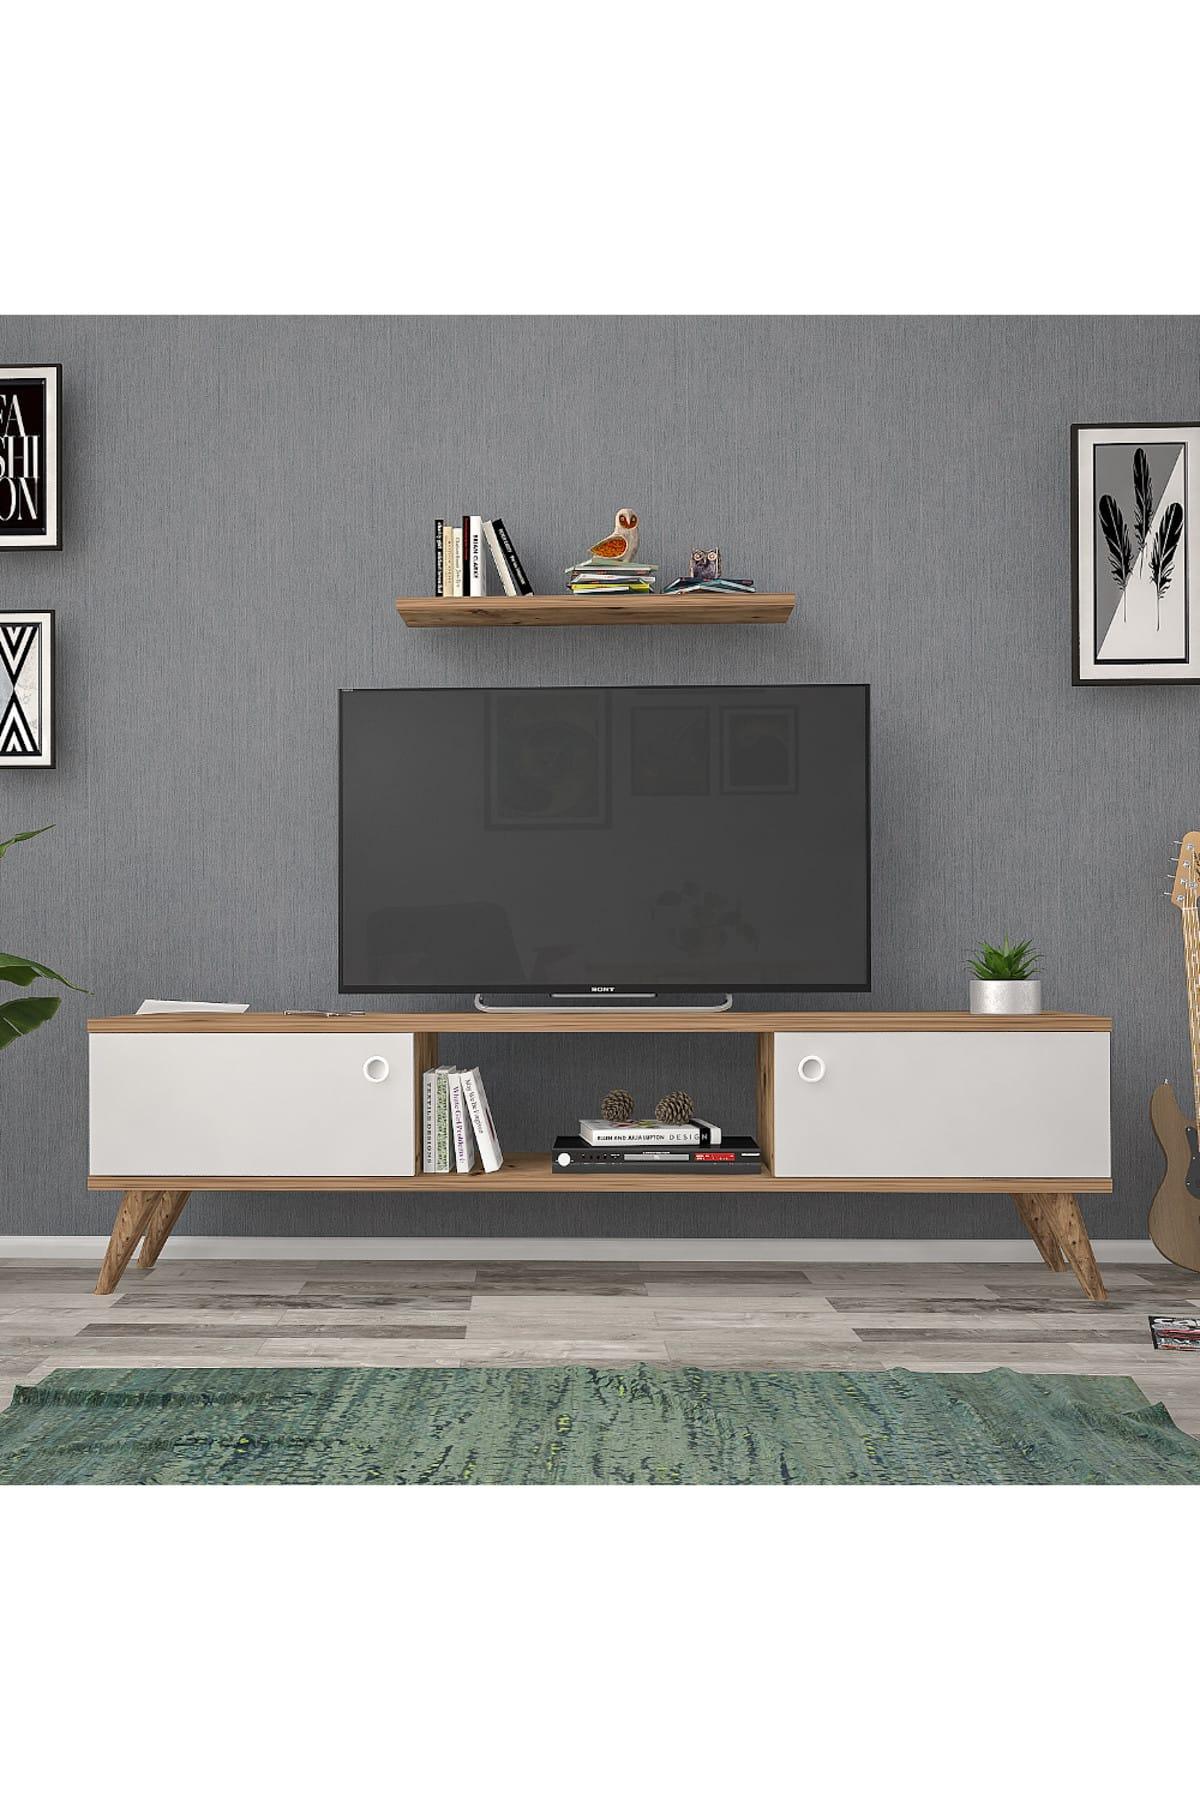 Mbes Mobilya 140 Cm Eda Atlantik -beyaz Tv Ünitesi 1